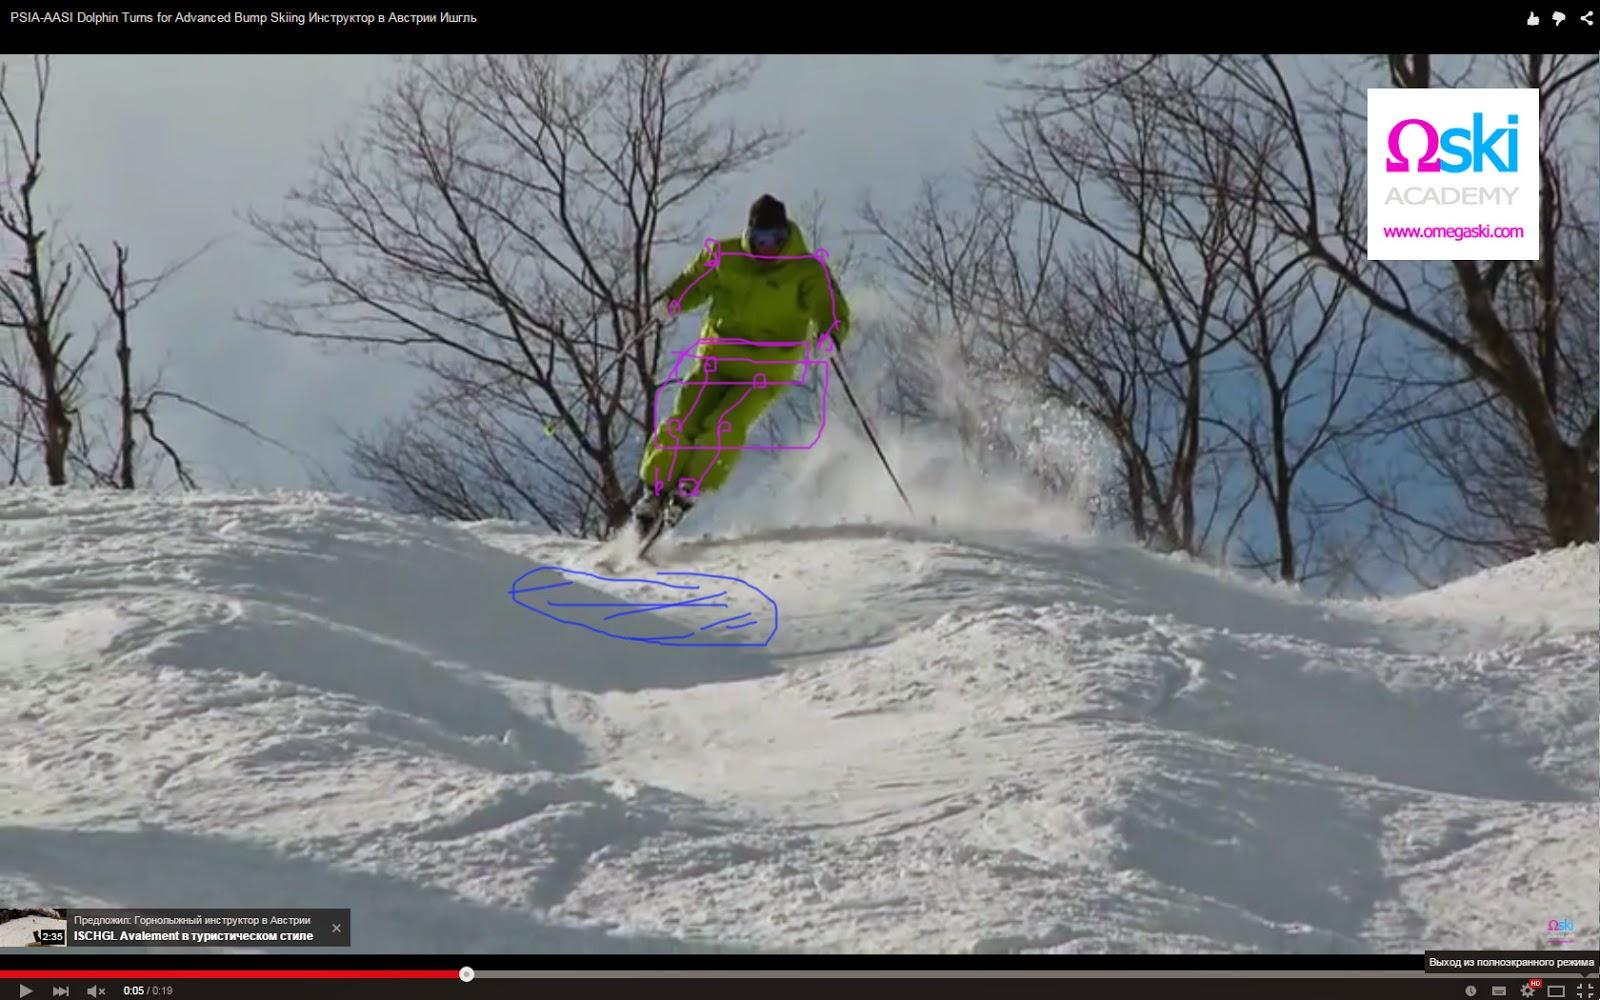 Русскоязычный горнолыжный инструктор в Майрхофен Китцбюэль